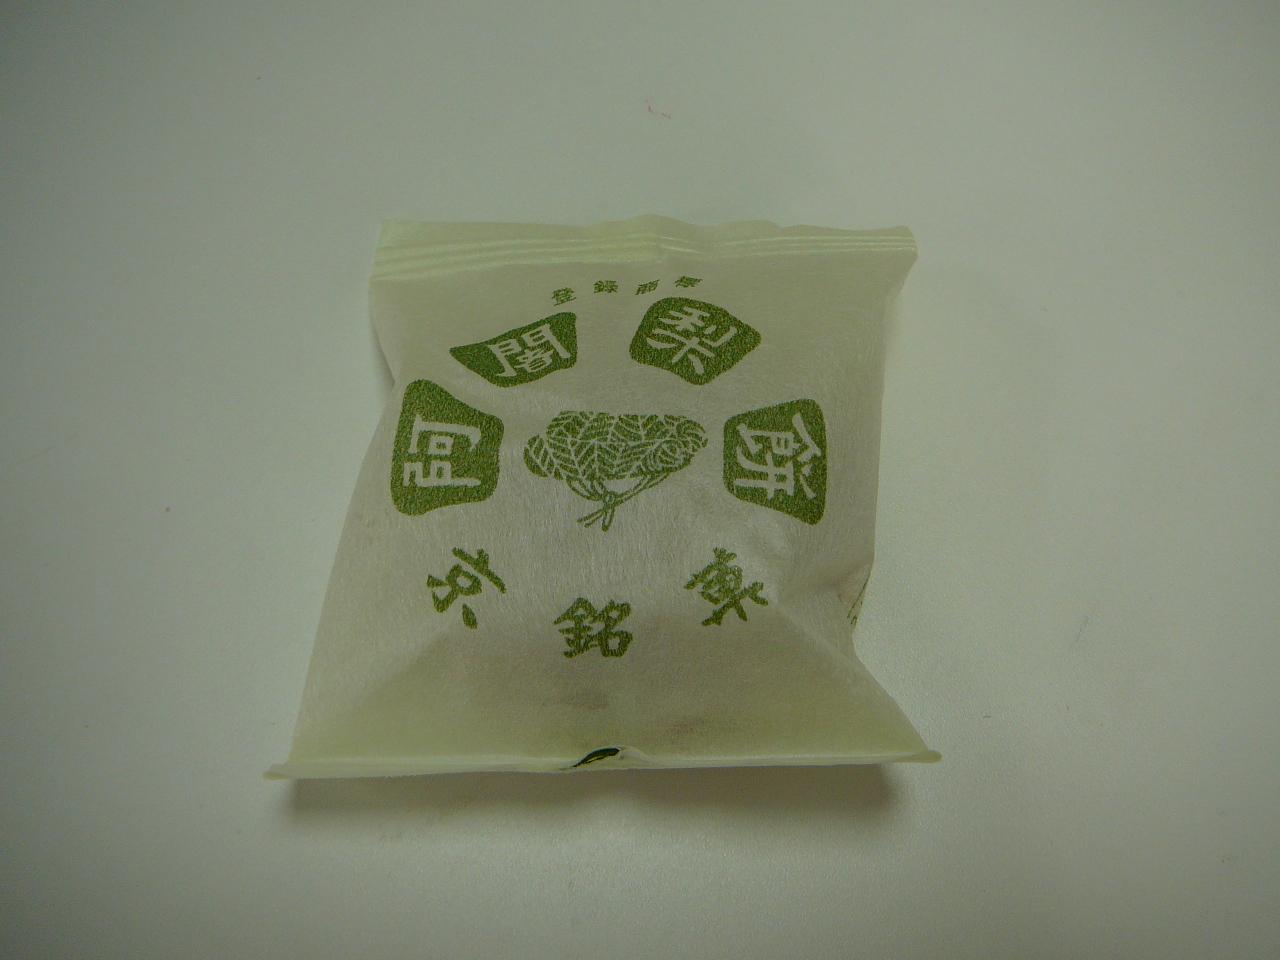 阿闍梨餅袋.JPG